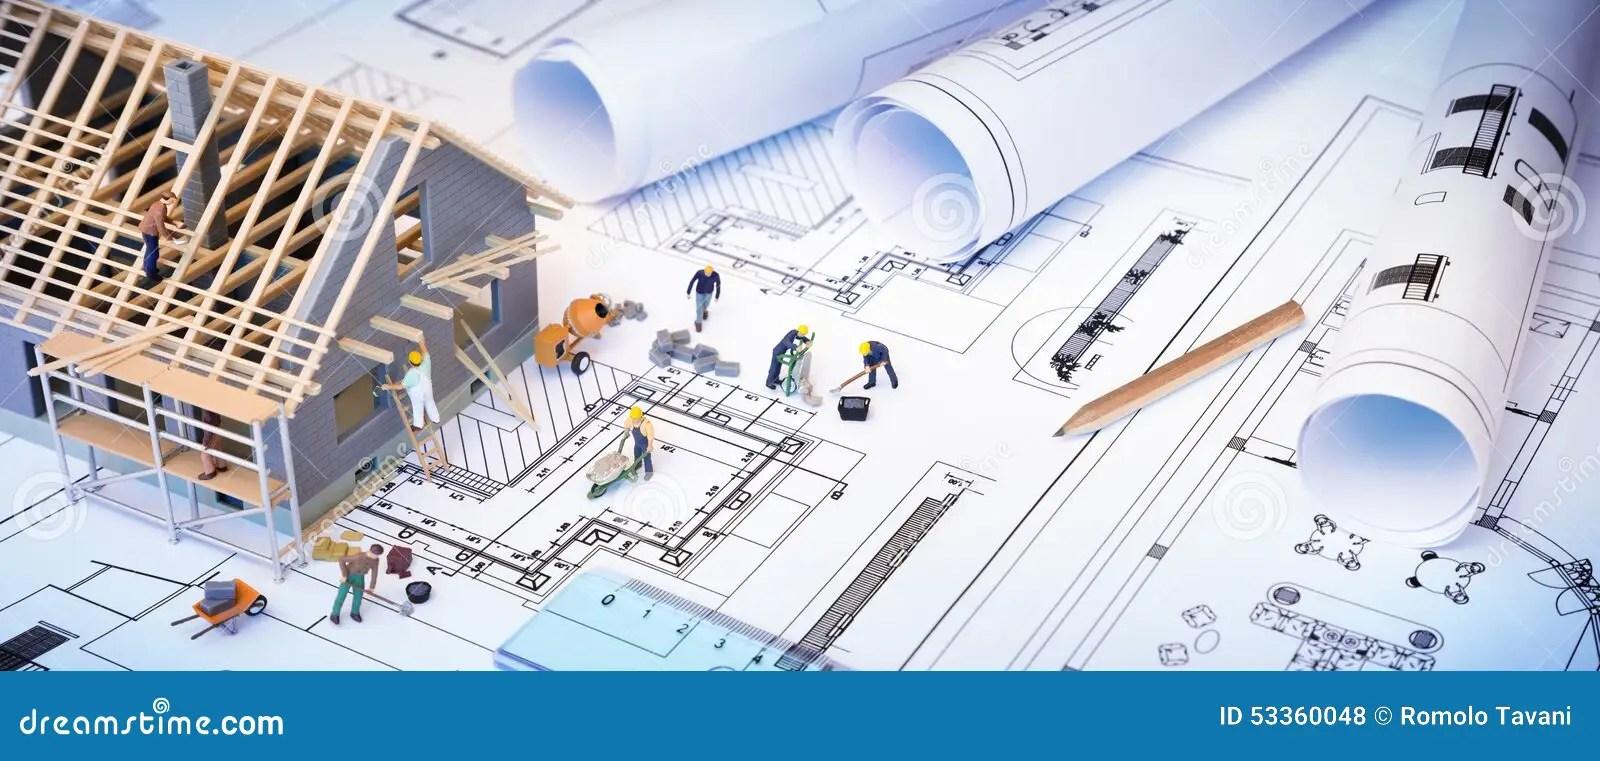 House Under Construction On Blueprints Stock Photo  Image